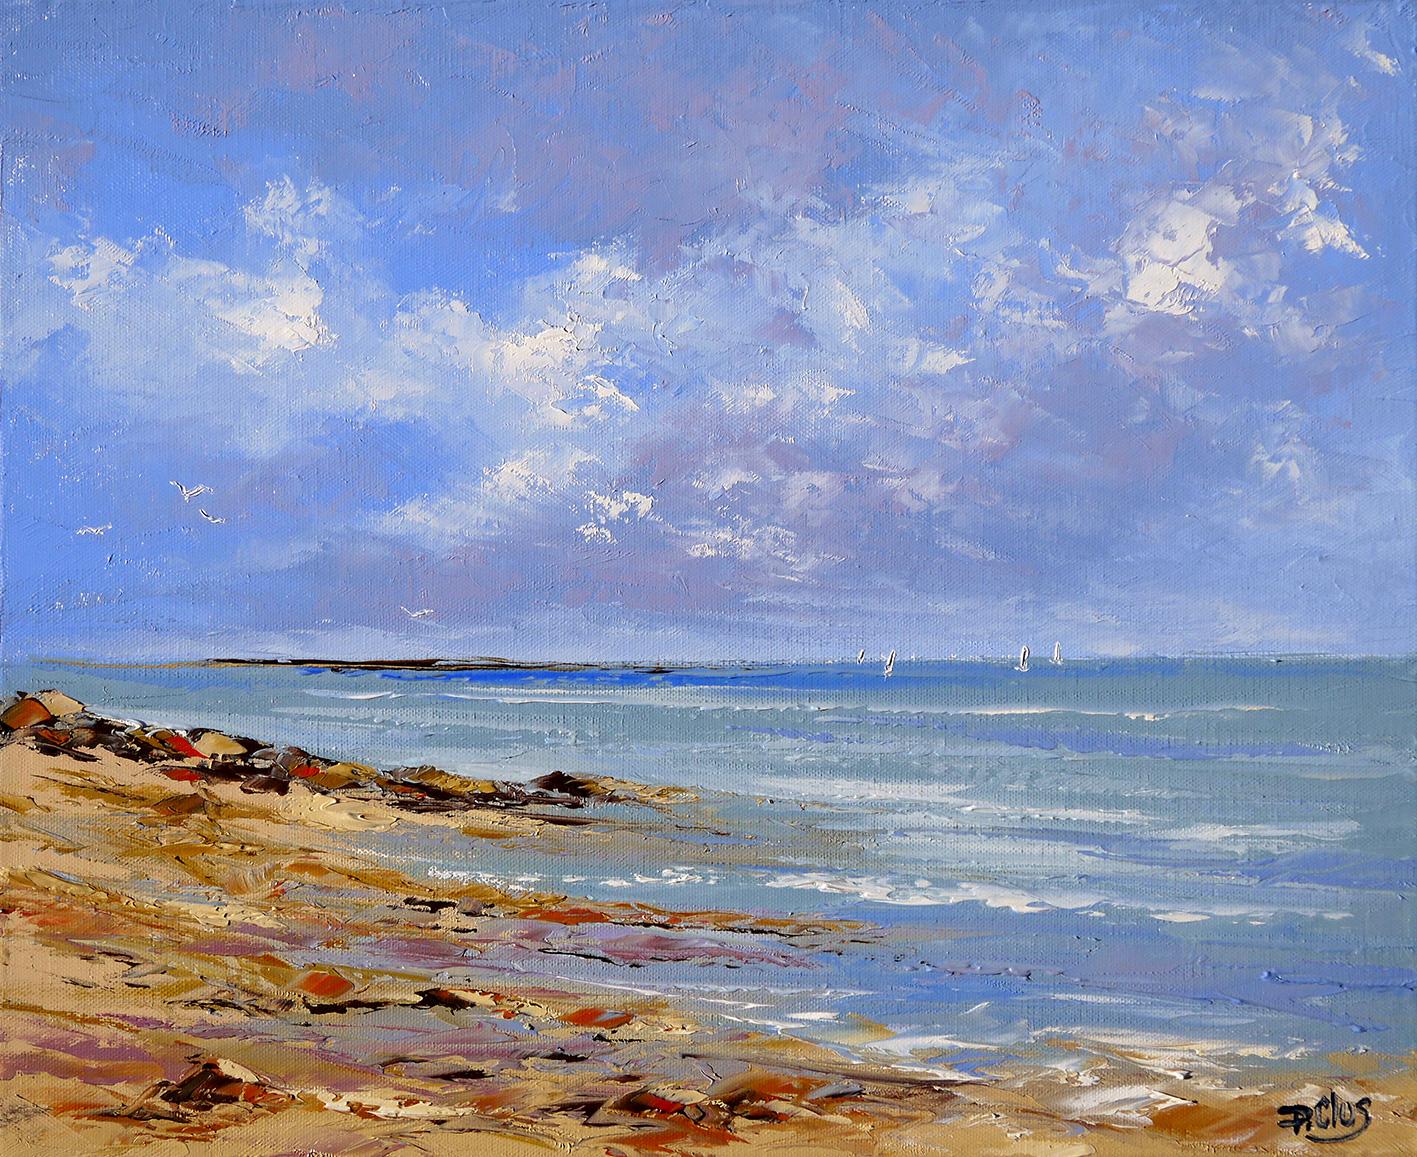 Le célèbre Dessin et peinture - vidéo 1969 : Mer et rivage pour une marine @AB_32